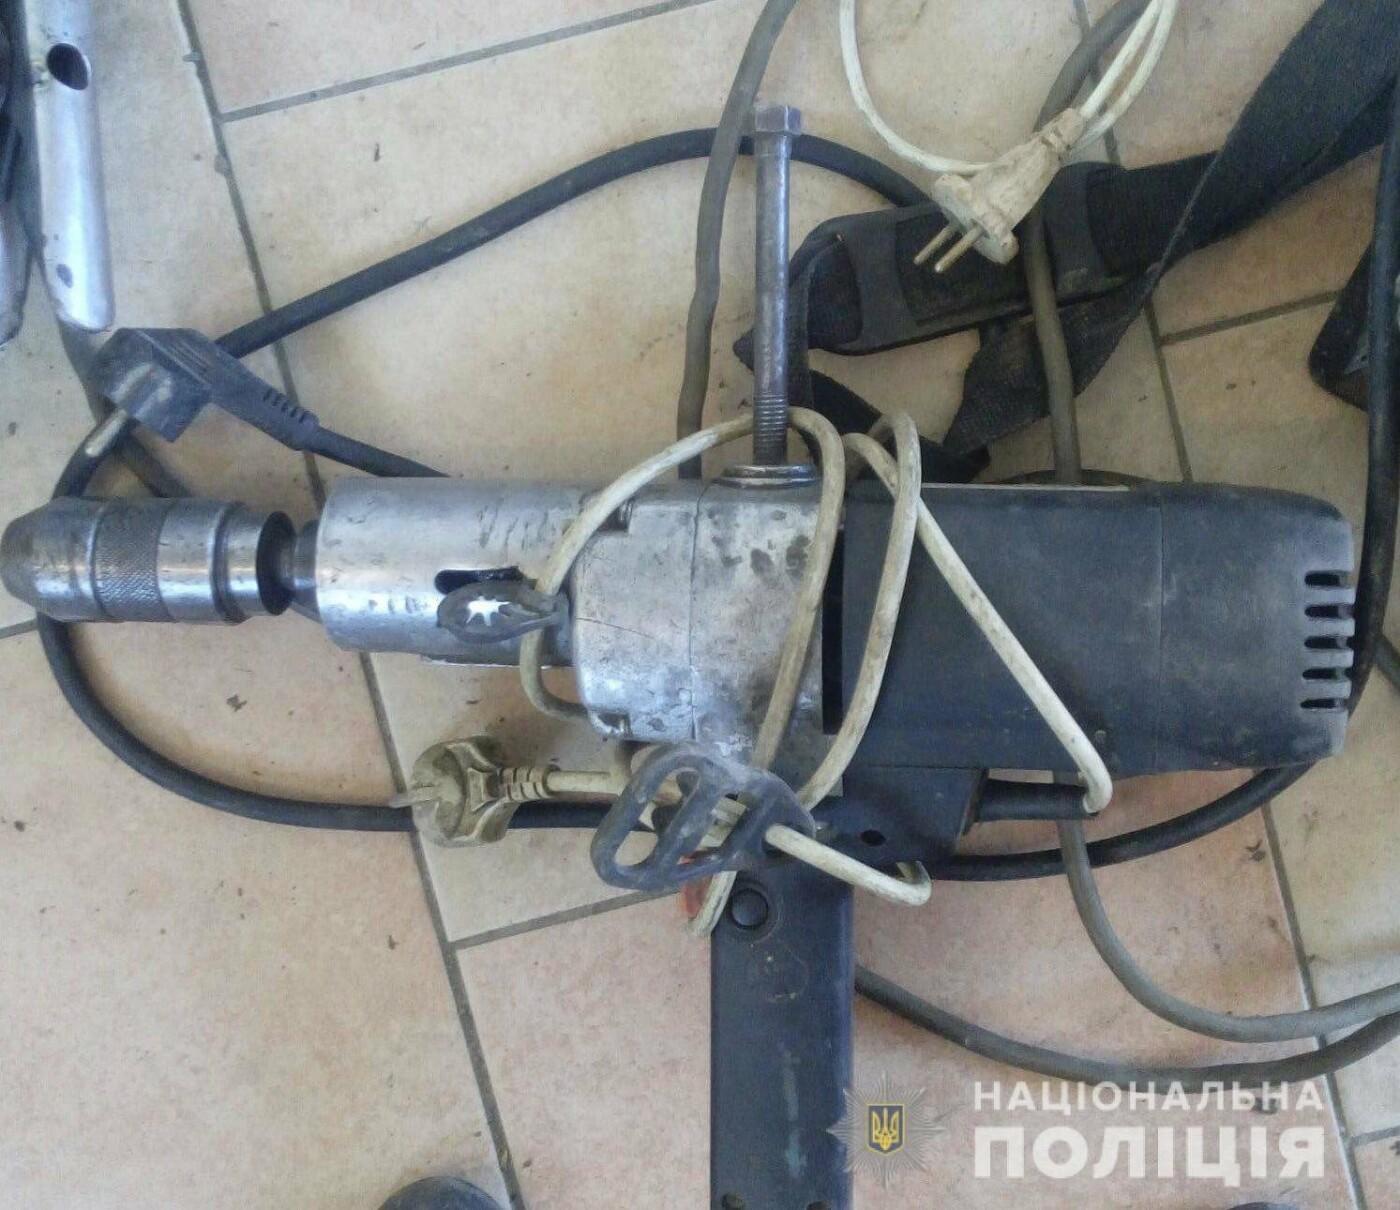 17-річний закарпатець обікрав гараж на понад 6 тисяч гривень (ФОТО), фото-3